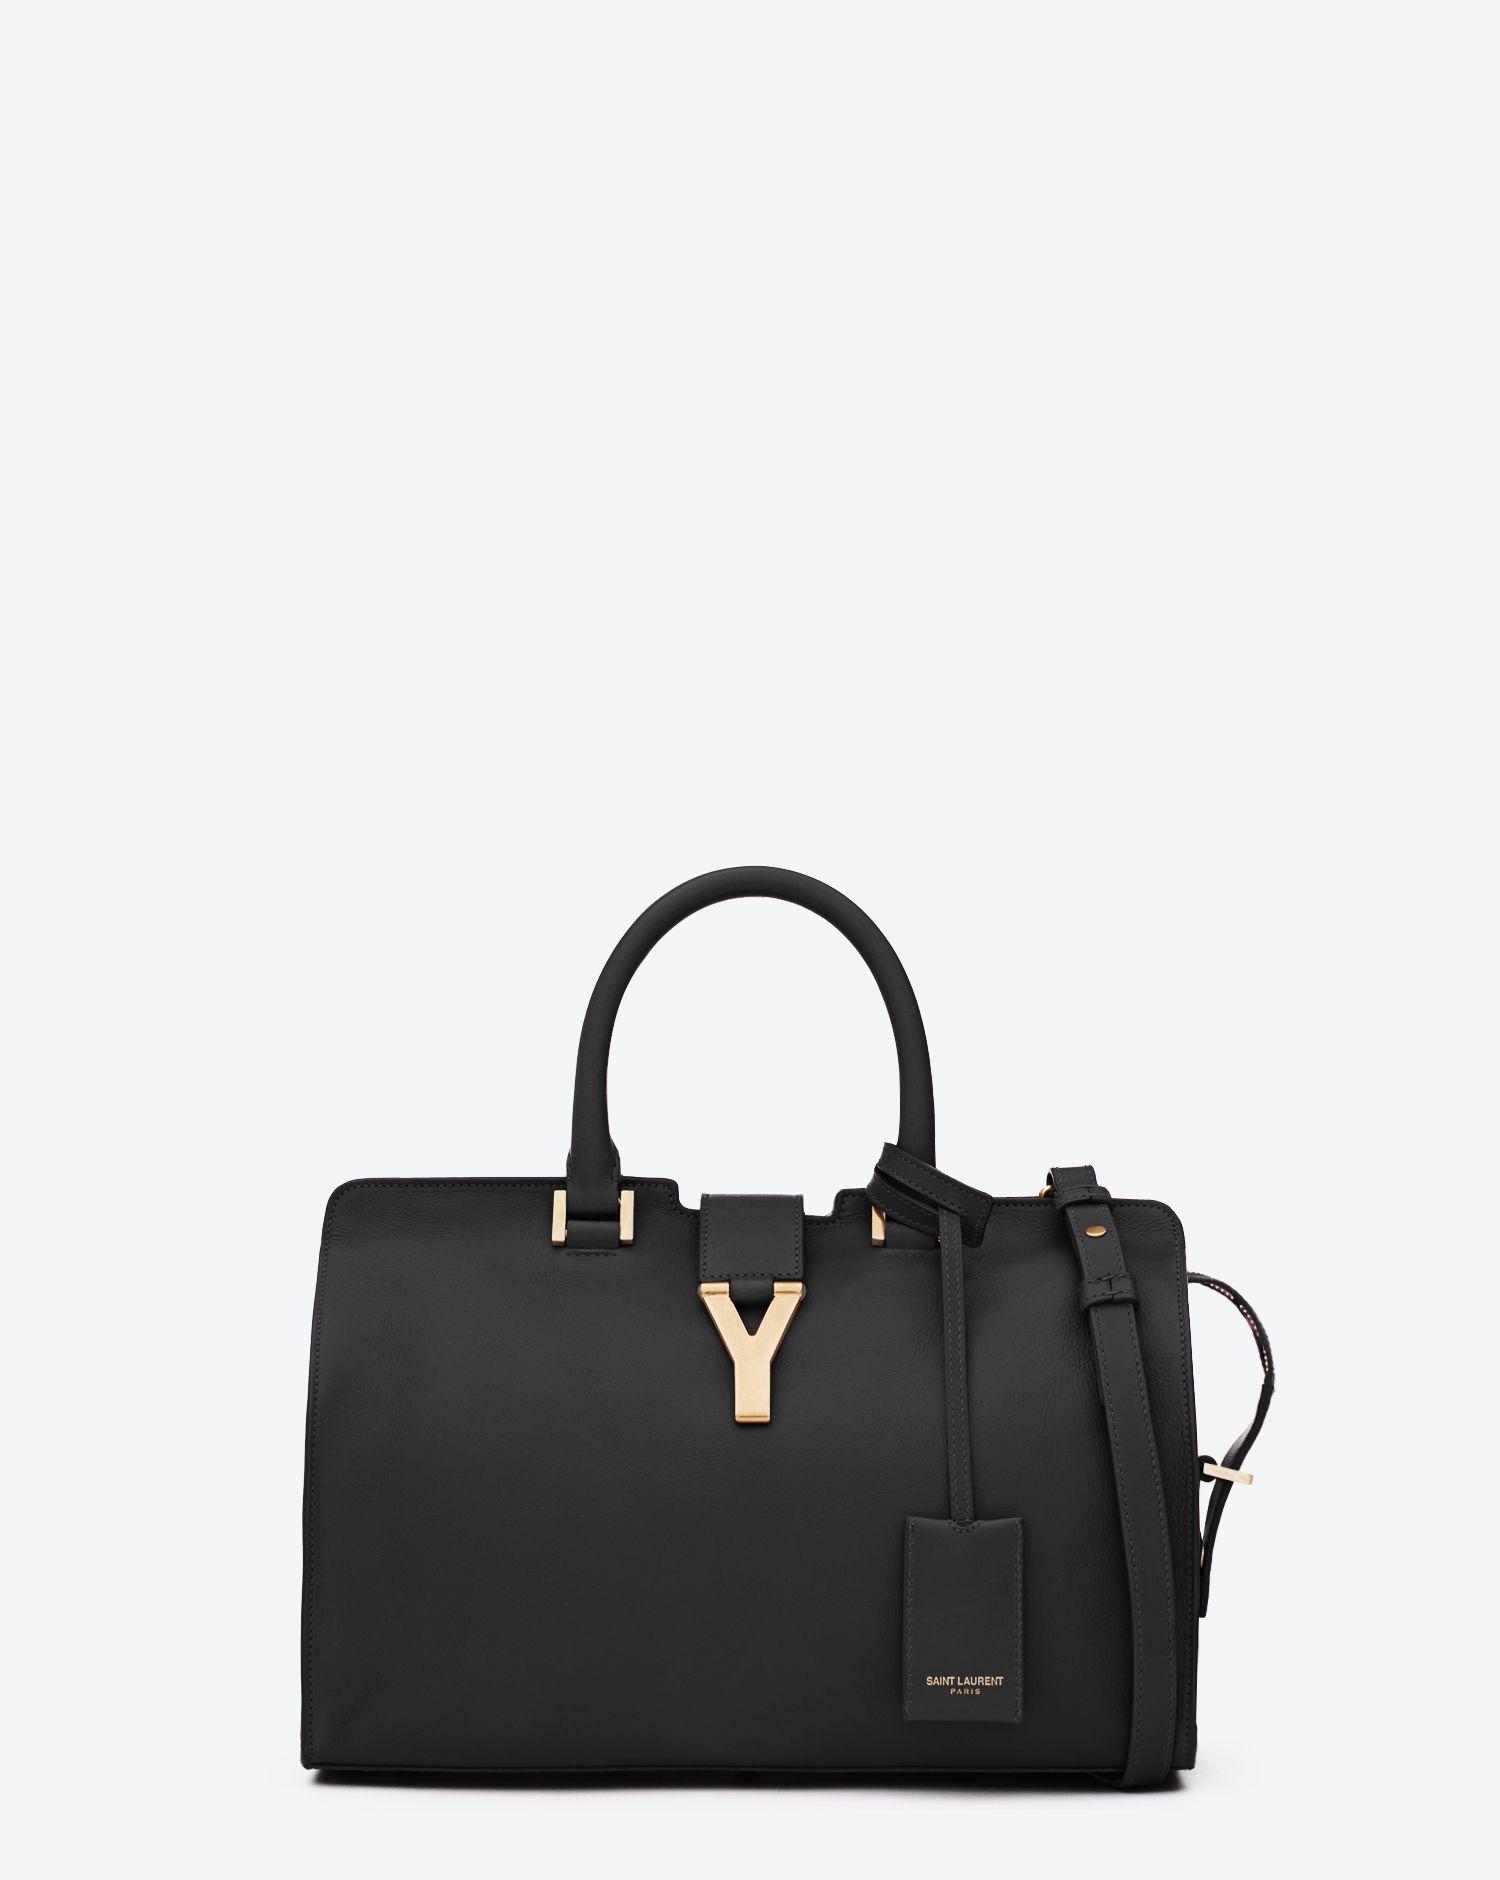 f68c8ca59fb Saint Laurent Classic Small Y Cabas Bag In Black Leather | ysl.com ...